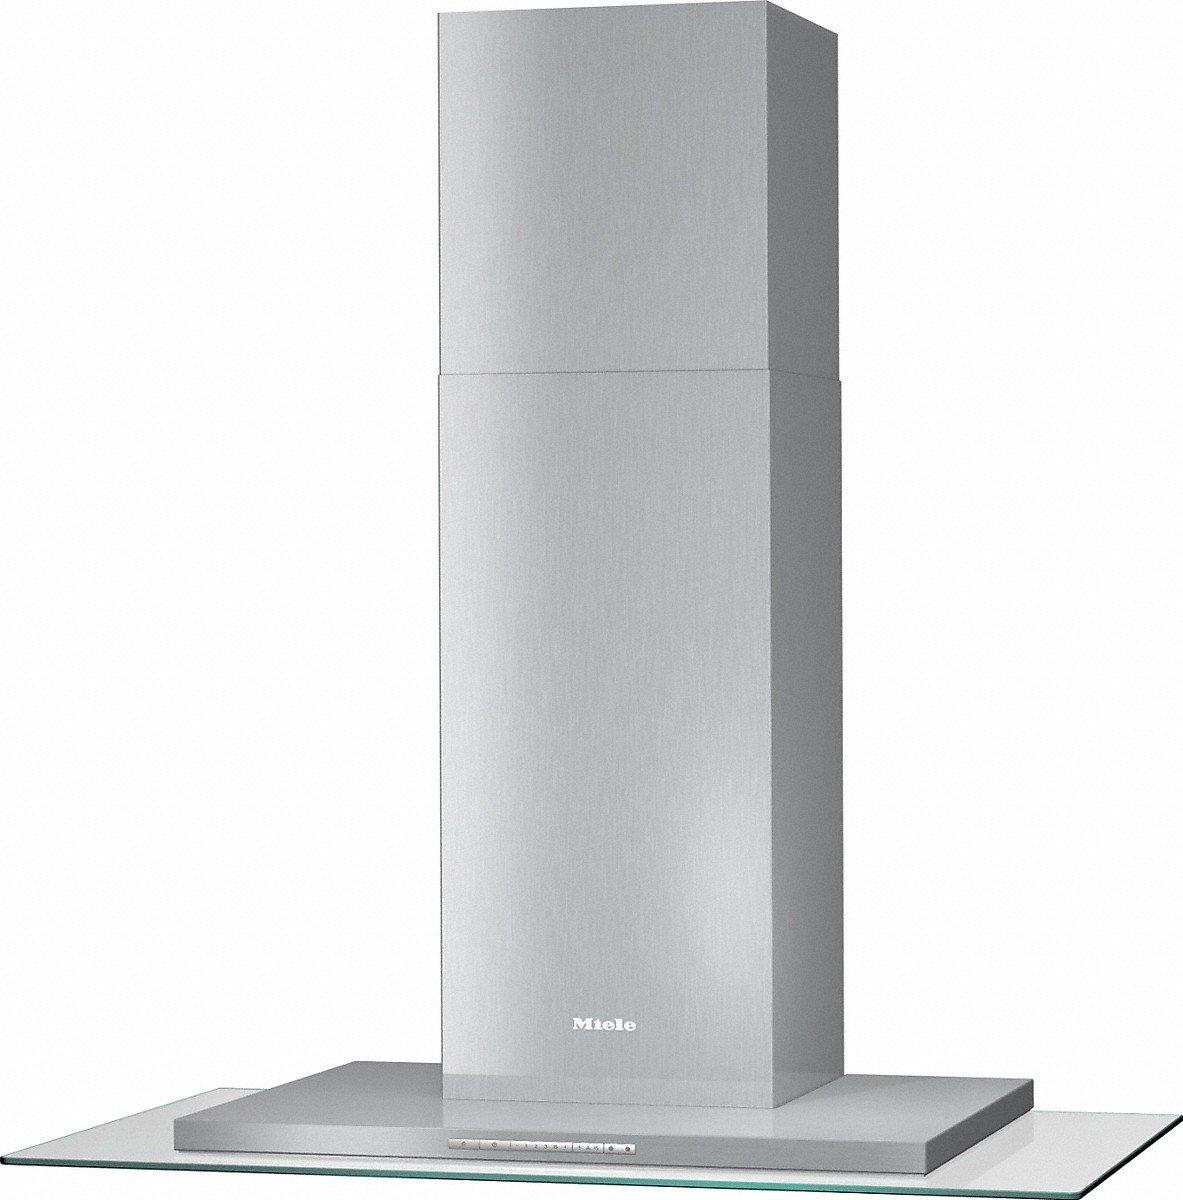 Miele DA 5798 W - Campana extractora de pared (90 cm, acabado en acero): Amazon.es: Grandes electrodomésticos